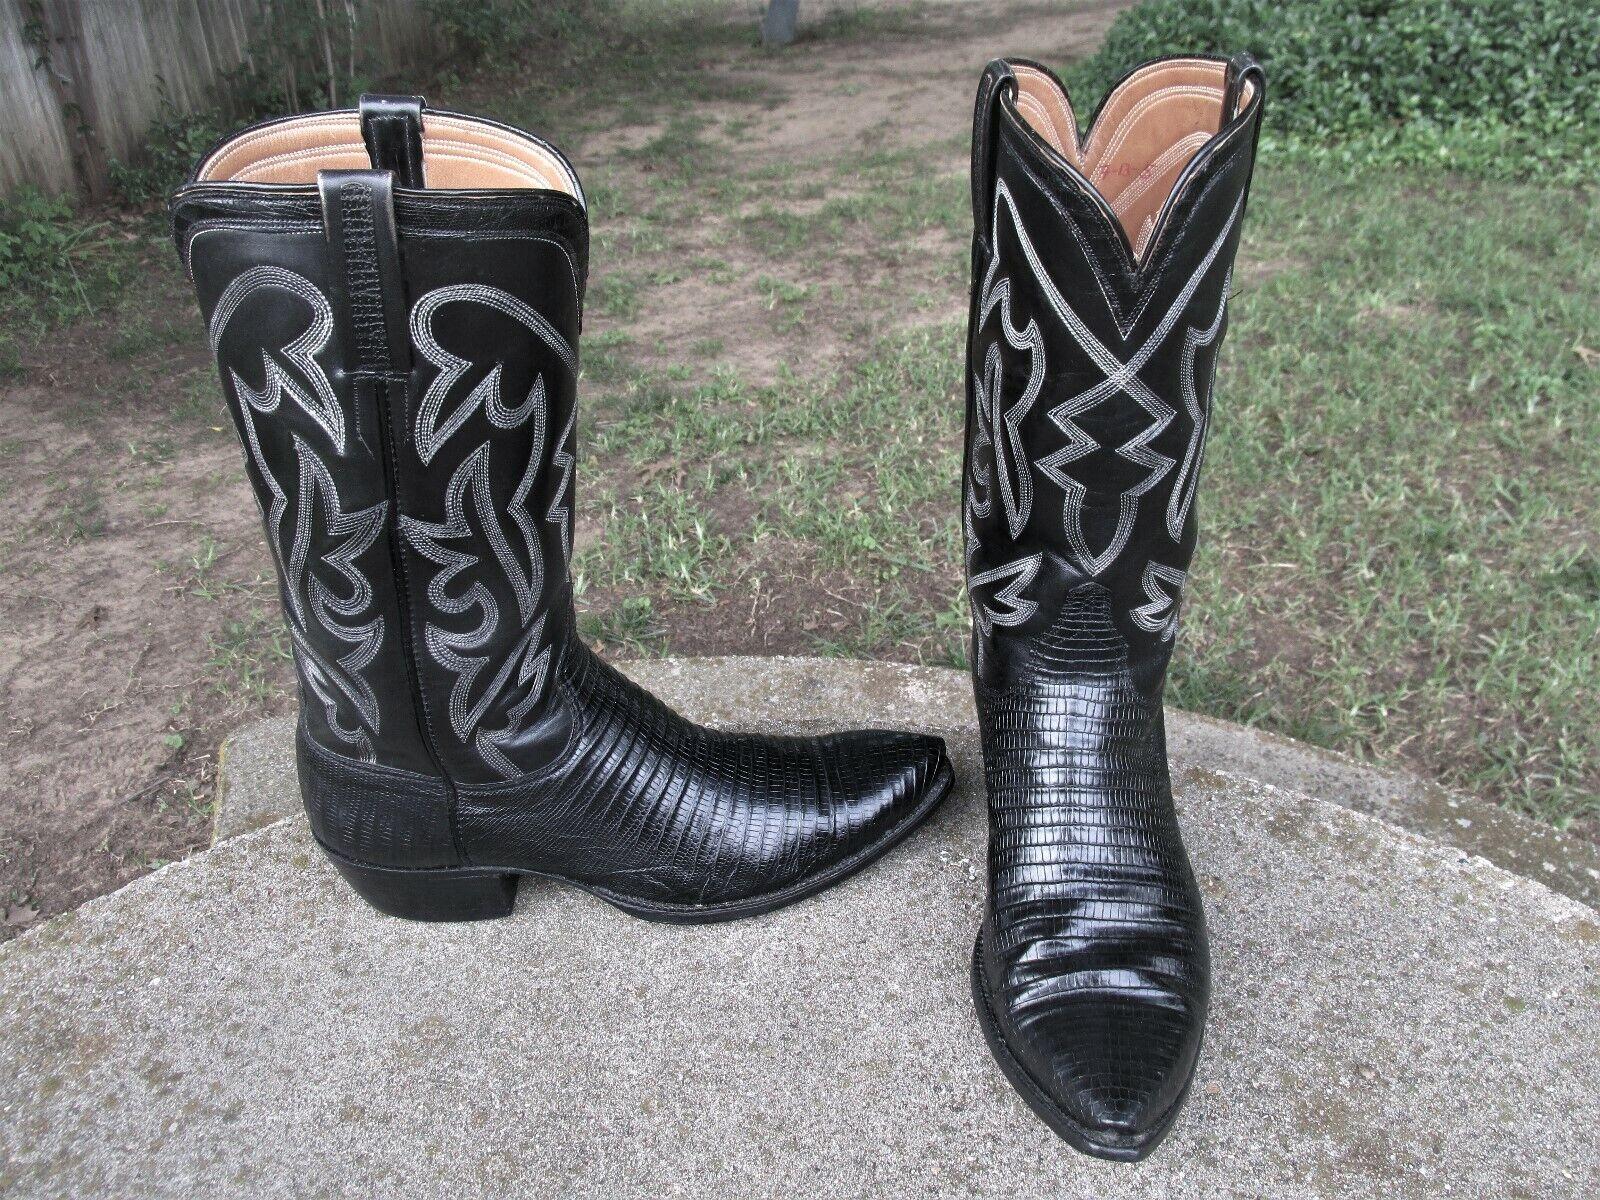 COWBOY    LIZARD   WESTERN  BOOTS  MEN'S  8.5  M